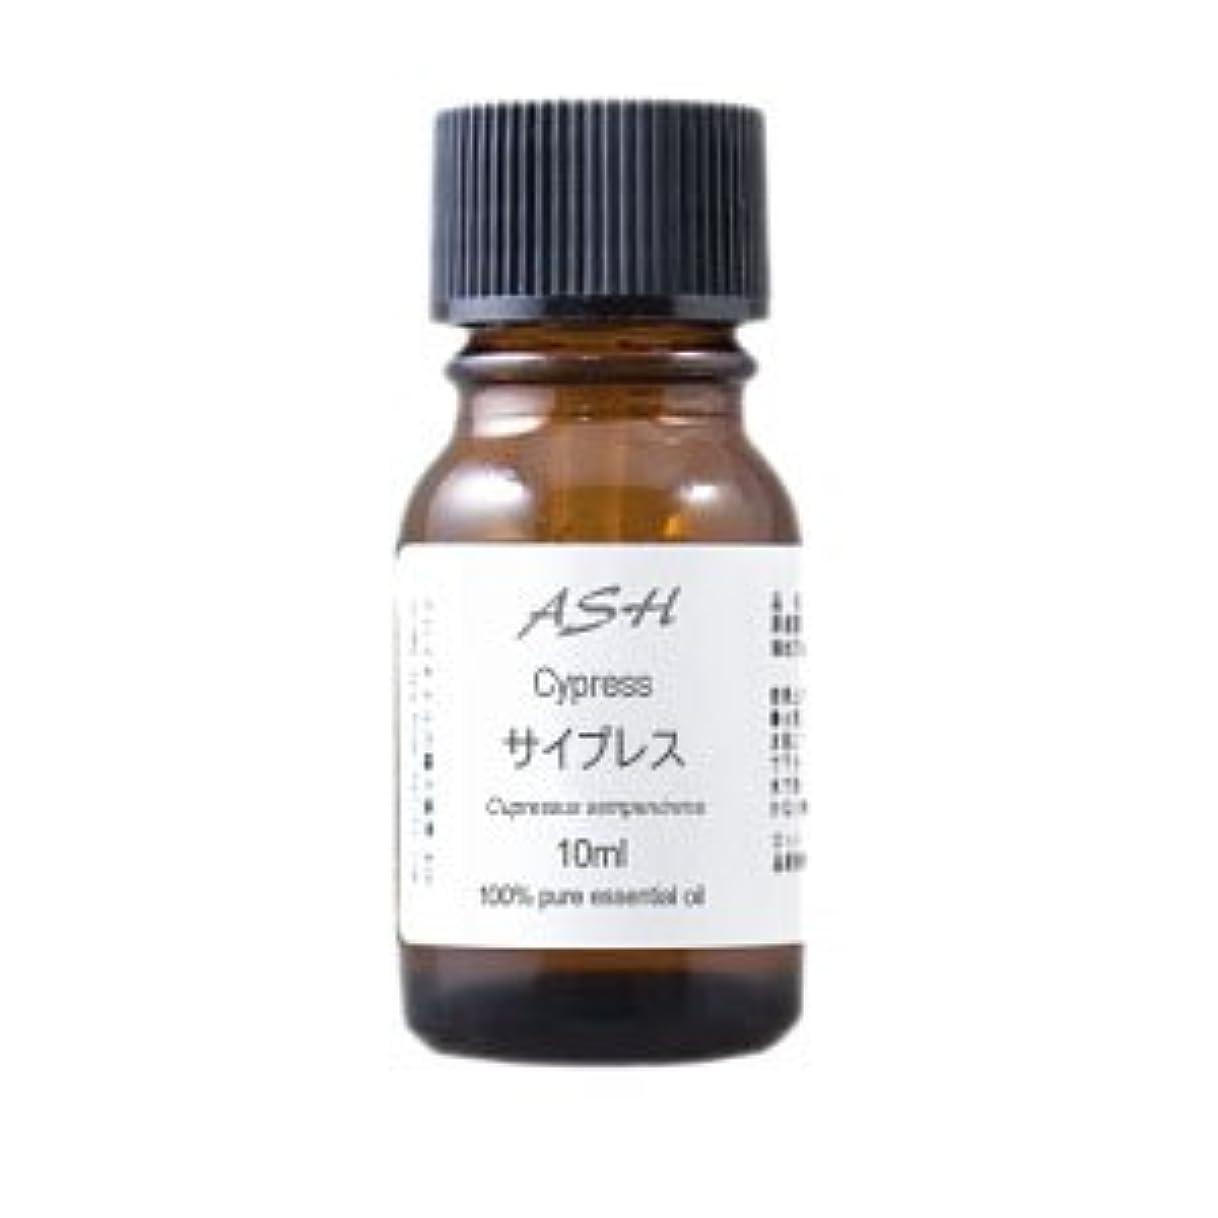 デッド黙浮くASH サイプレス エッセンシャルオイル 10ml AEAJ表示基準適合認定精油